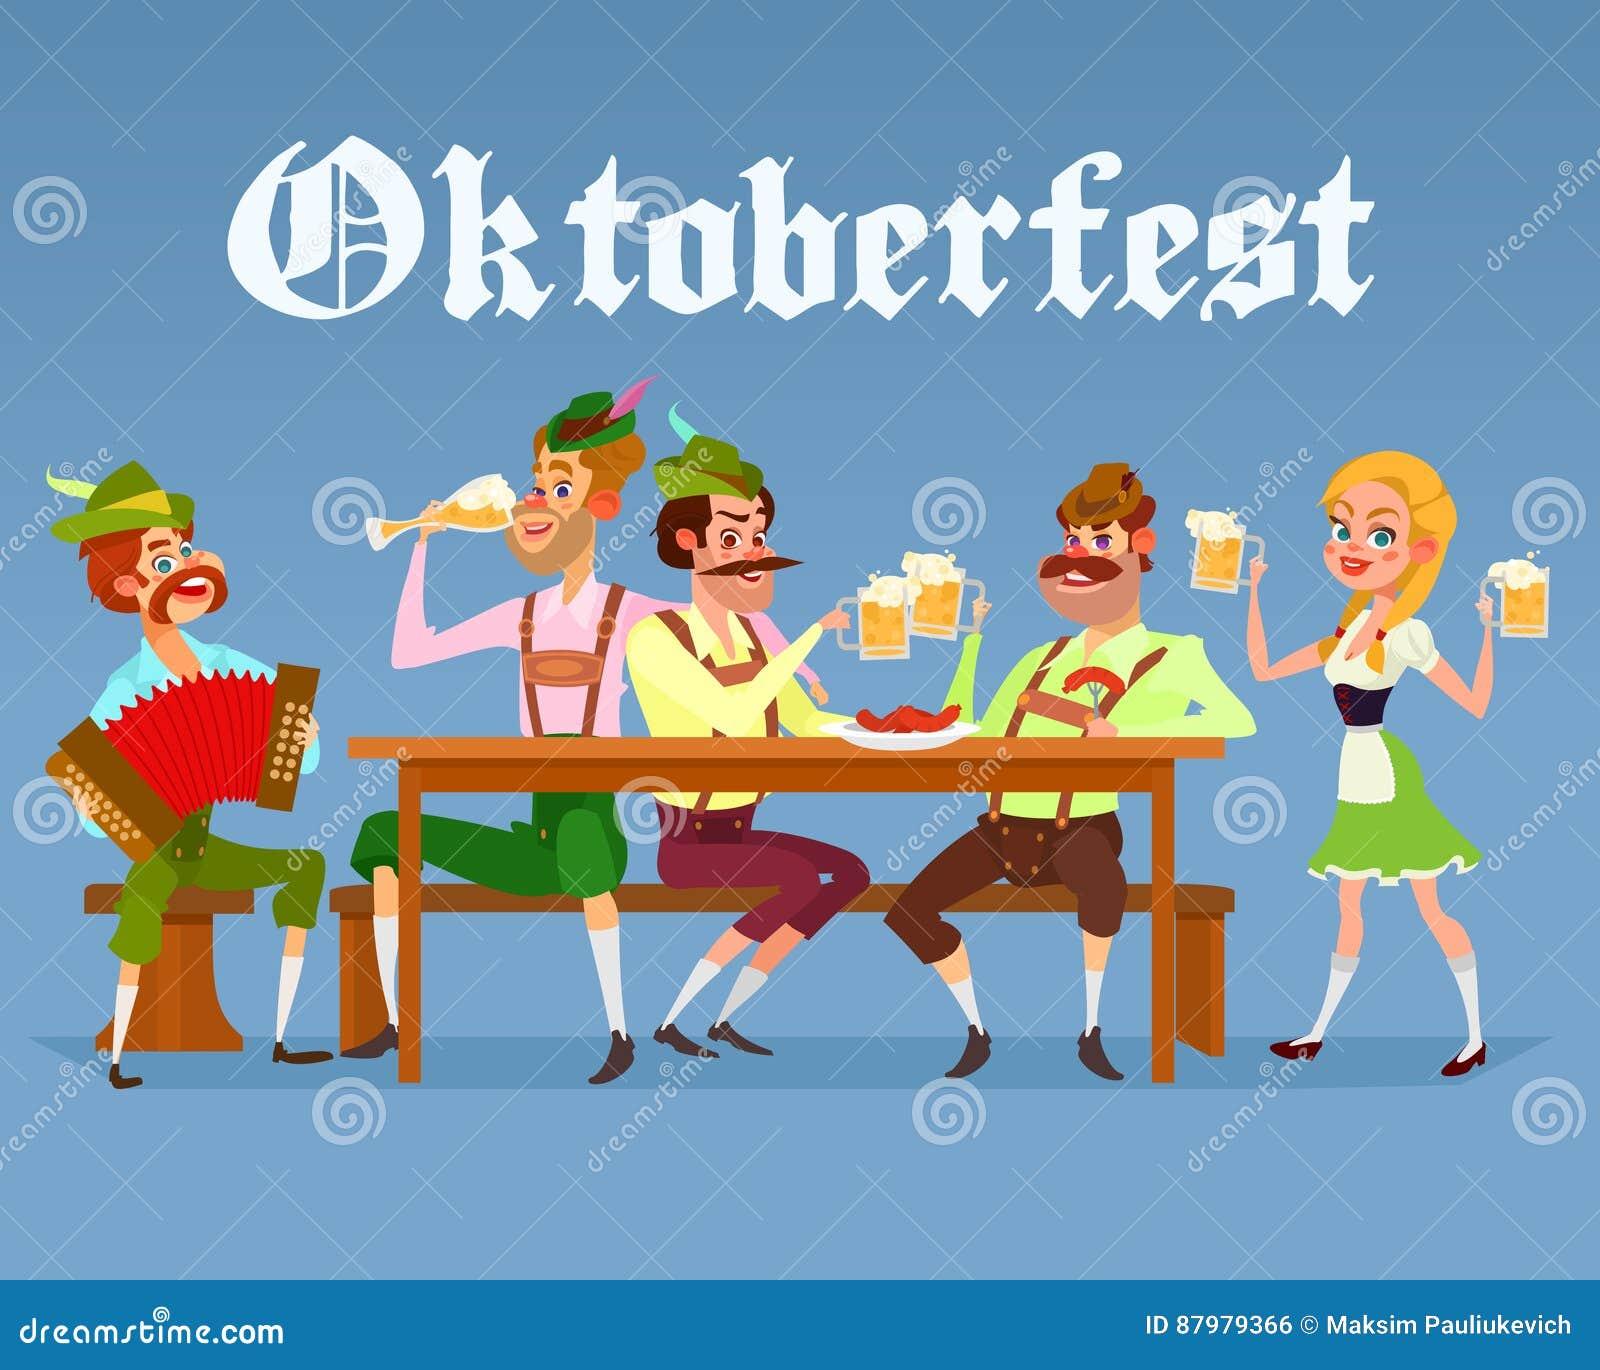 Vector l illustrazione del fumetto degli uomini divertenti che bevono la birra durante il festival Oktoberfest della birra